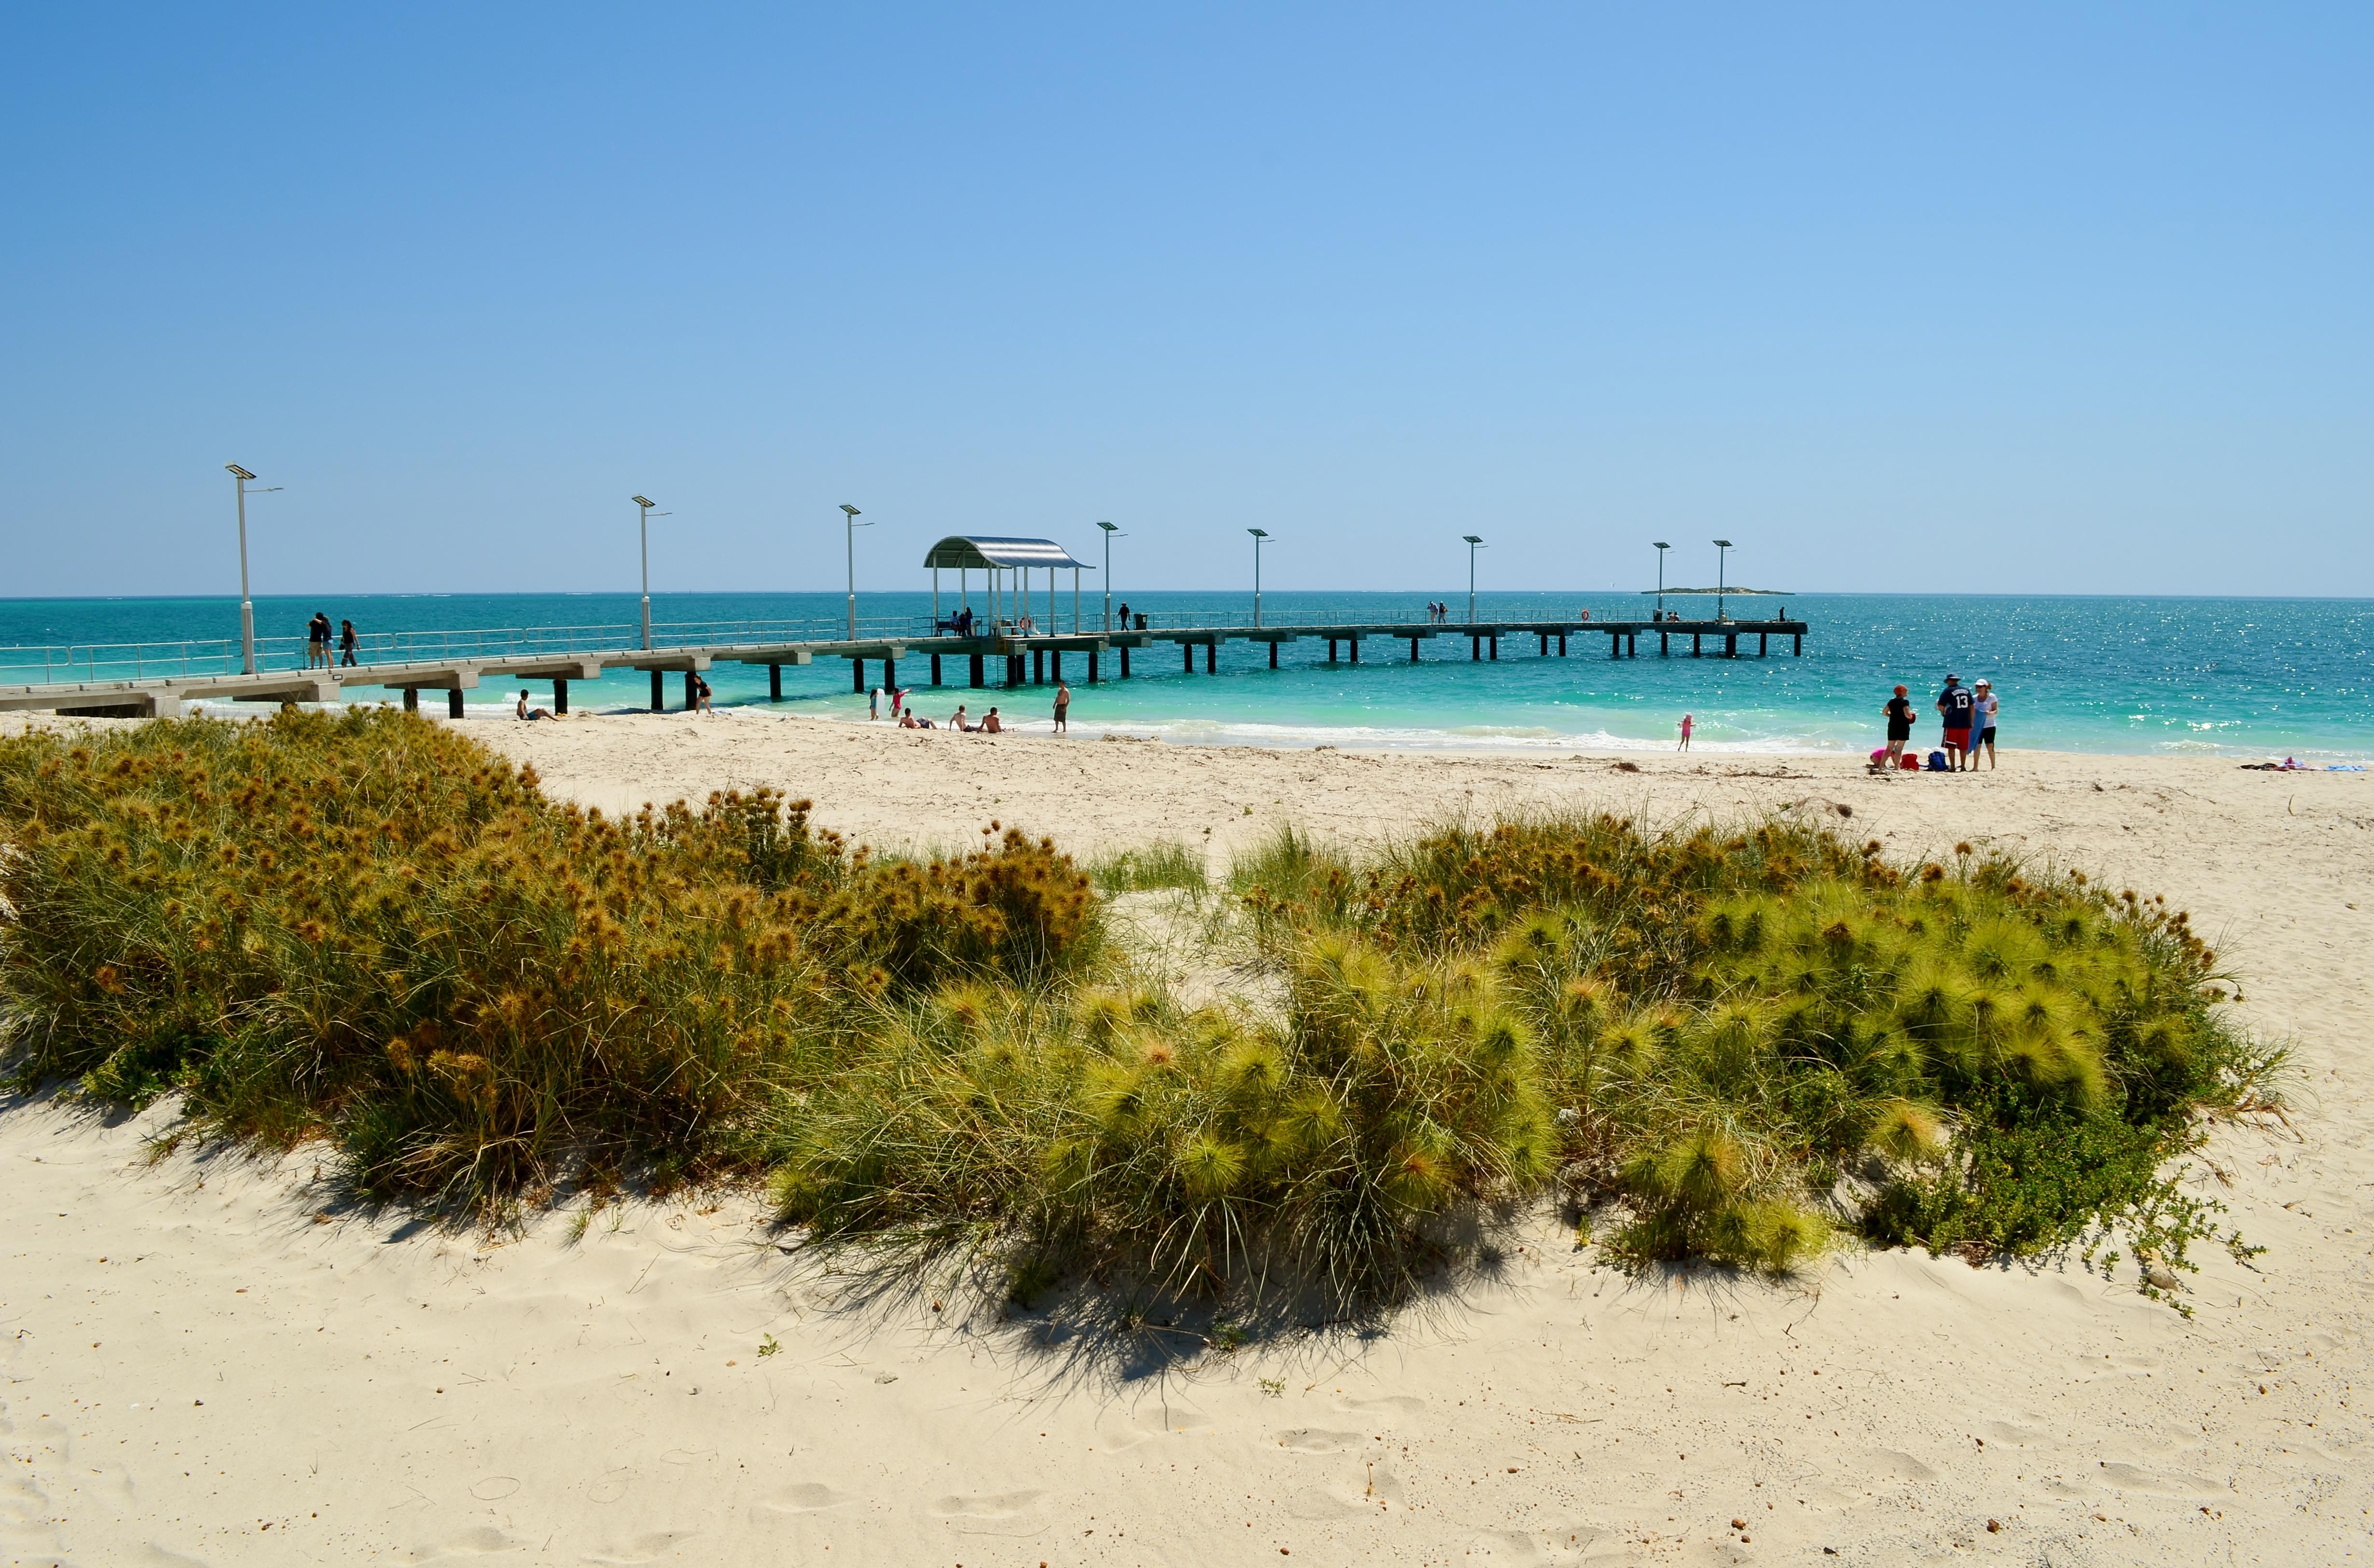 Jurien Bay Australia  city images : jurien, Western Australia, Australia What happens in jurien right ...